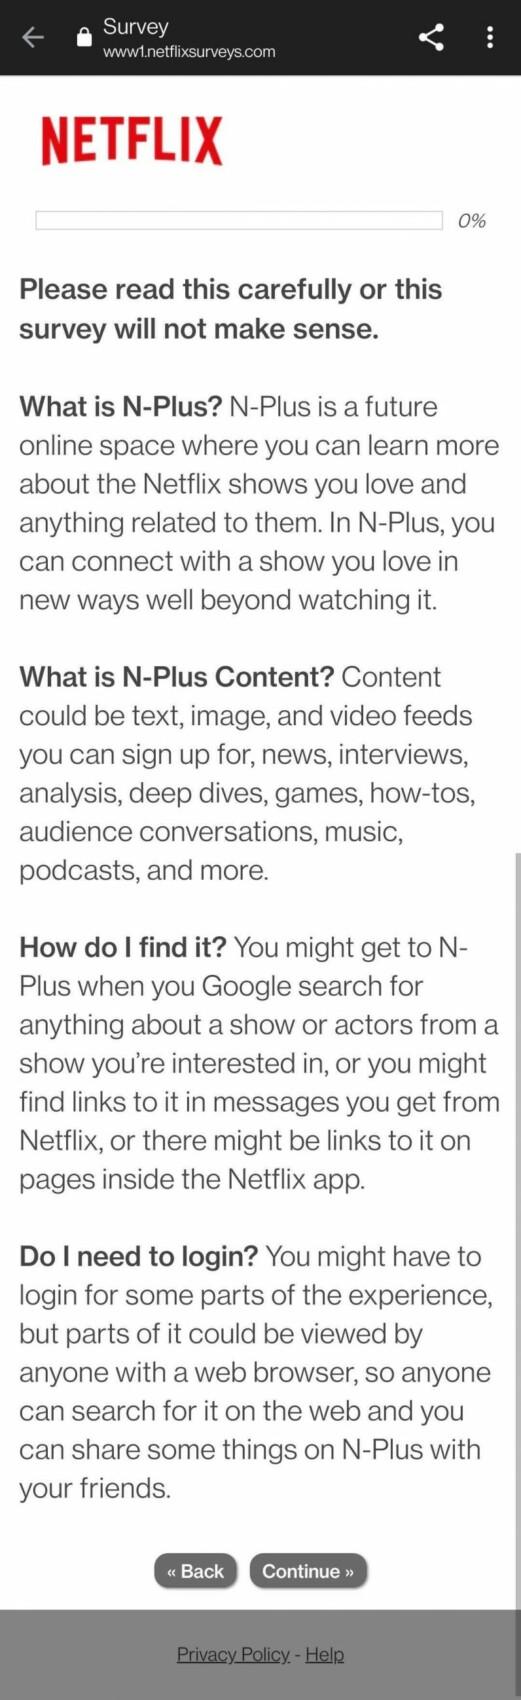 Netflix sonde ses utilisateurs sur la possibilité d'une plateforme de contenus complémentaires N-Plus